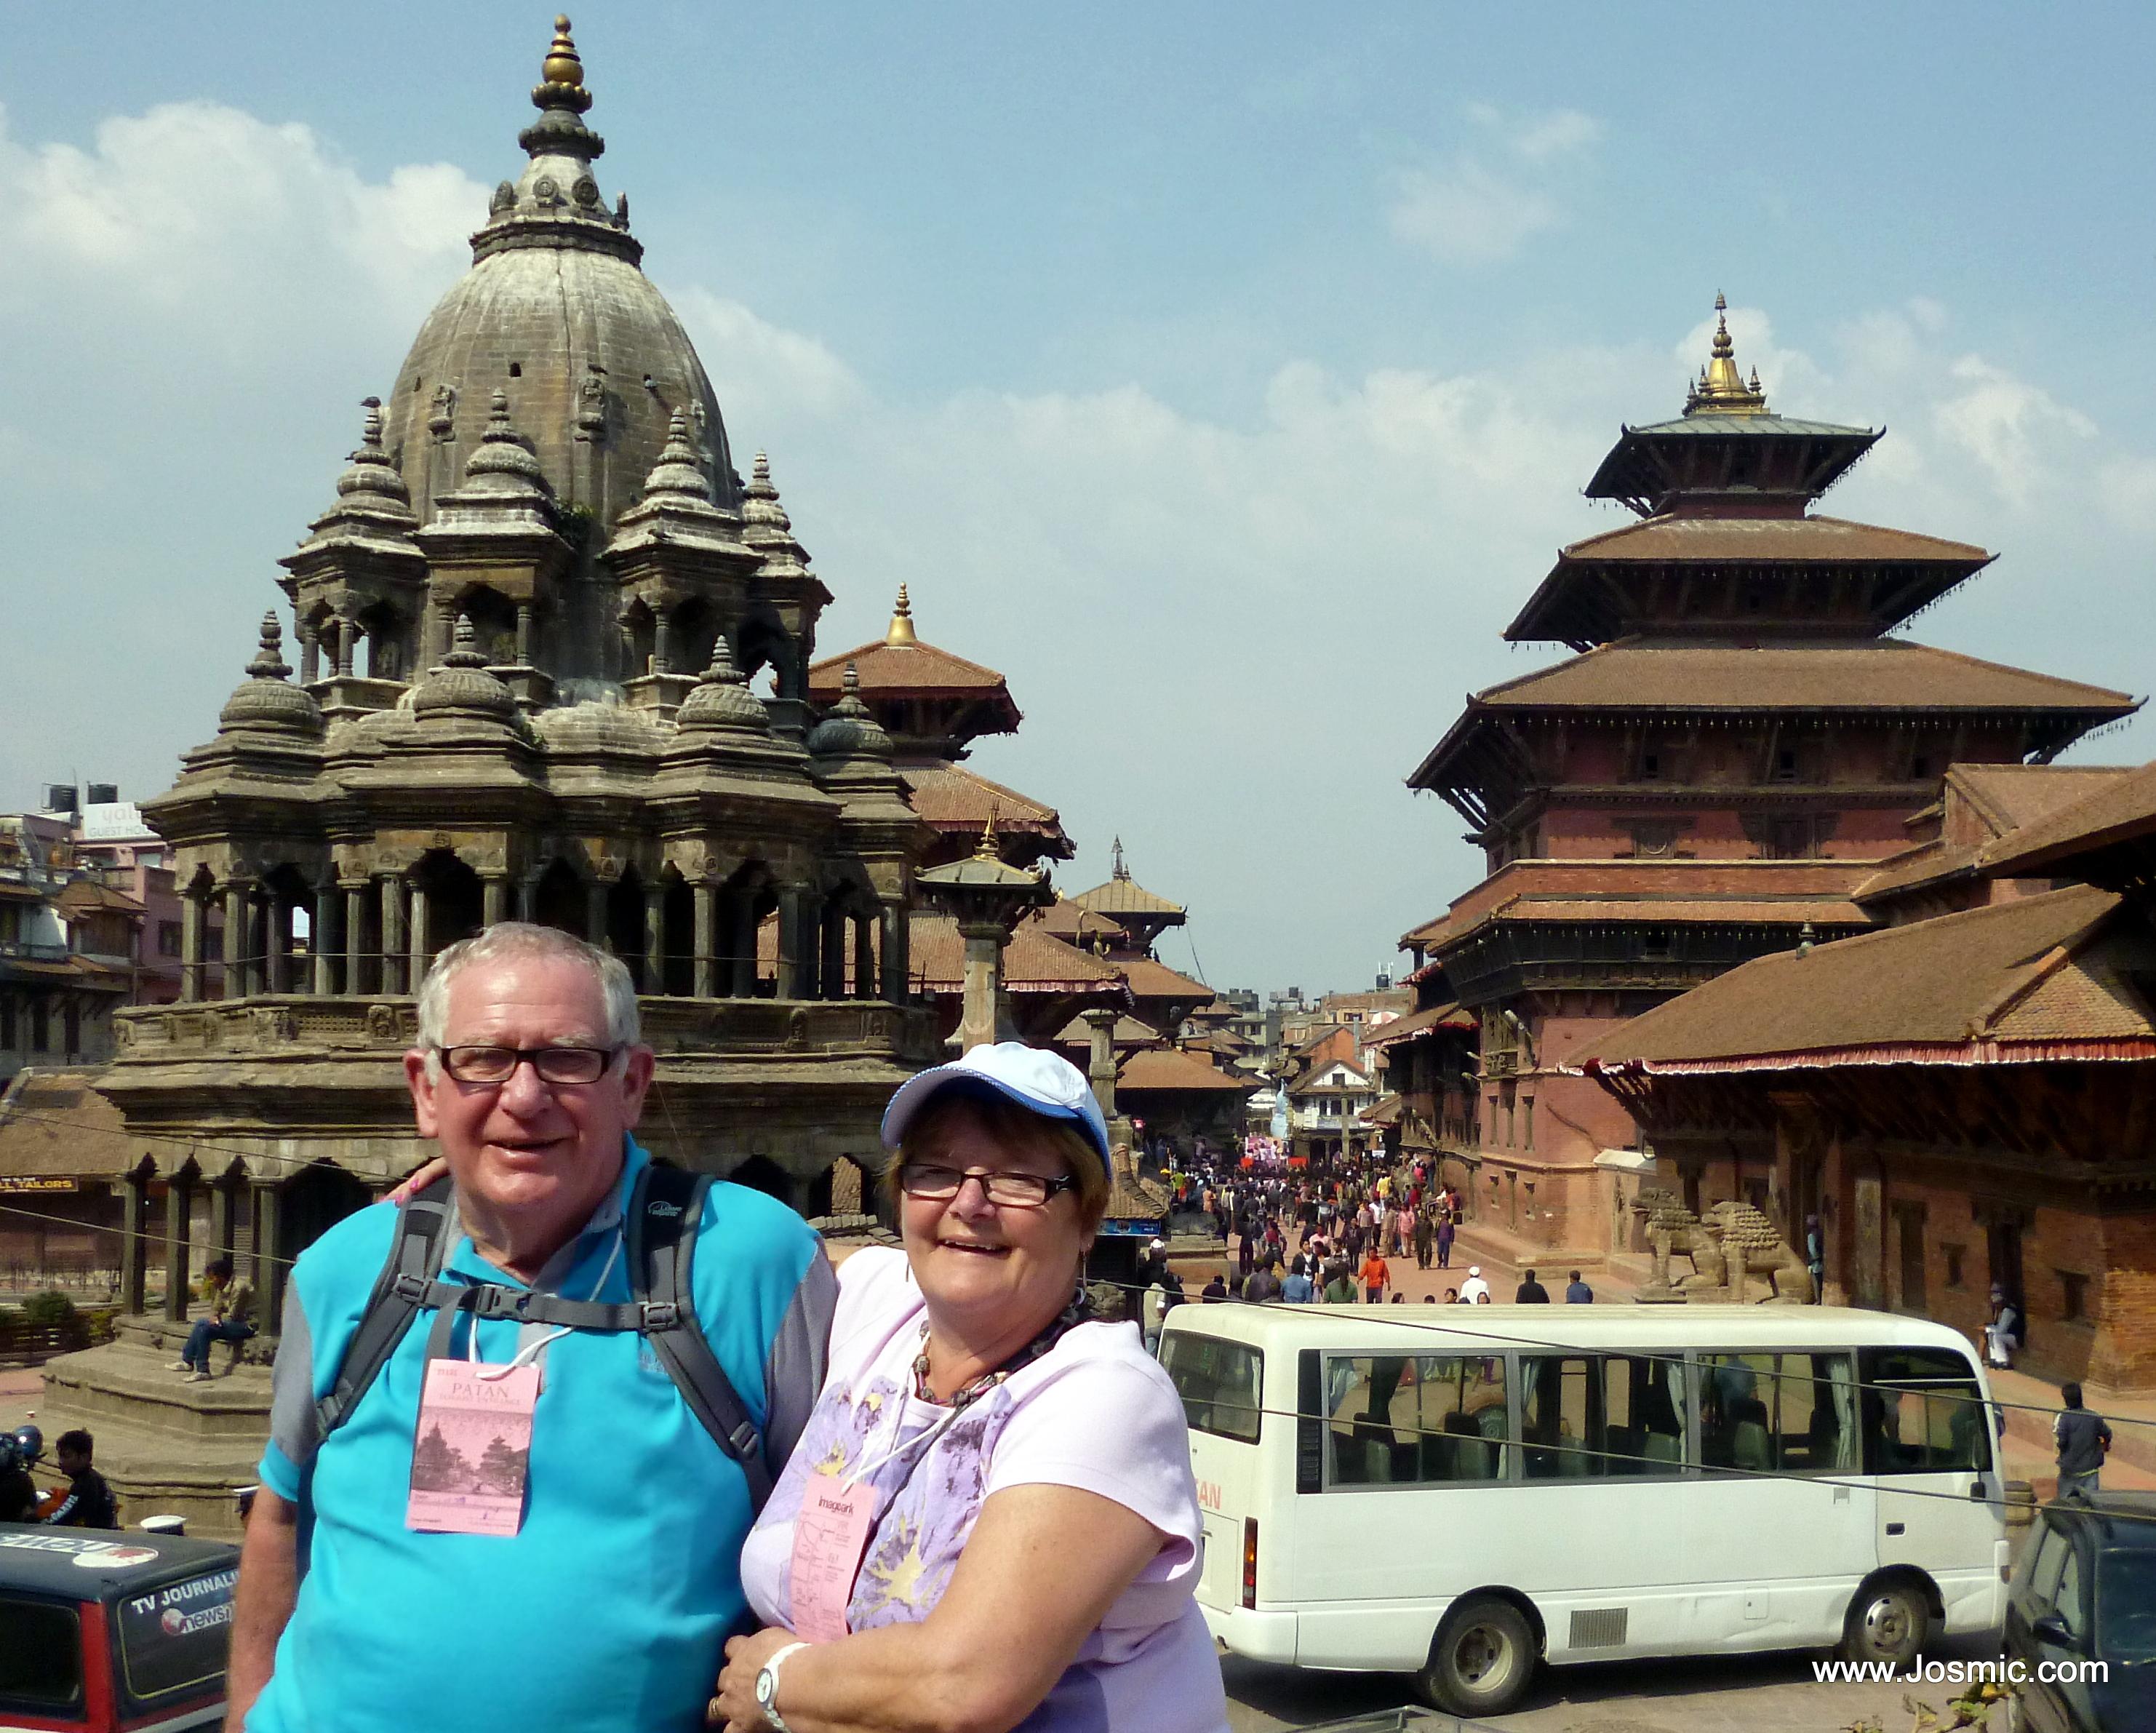 At Patan Durbar Square